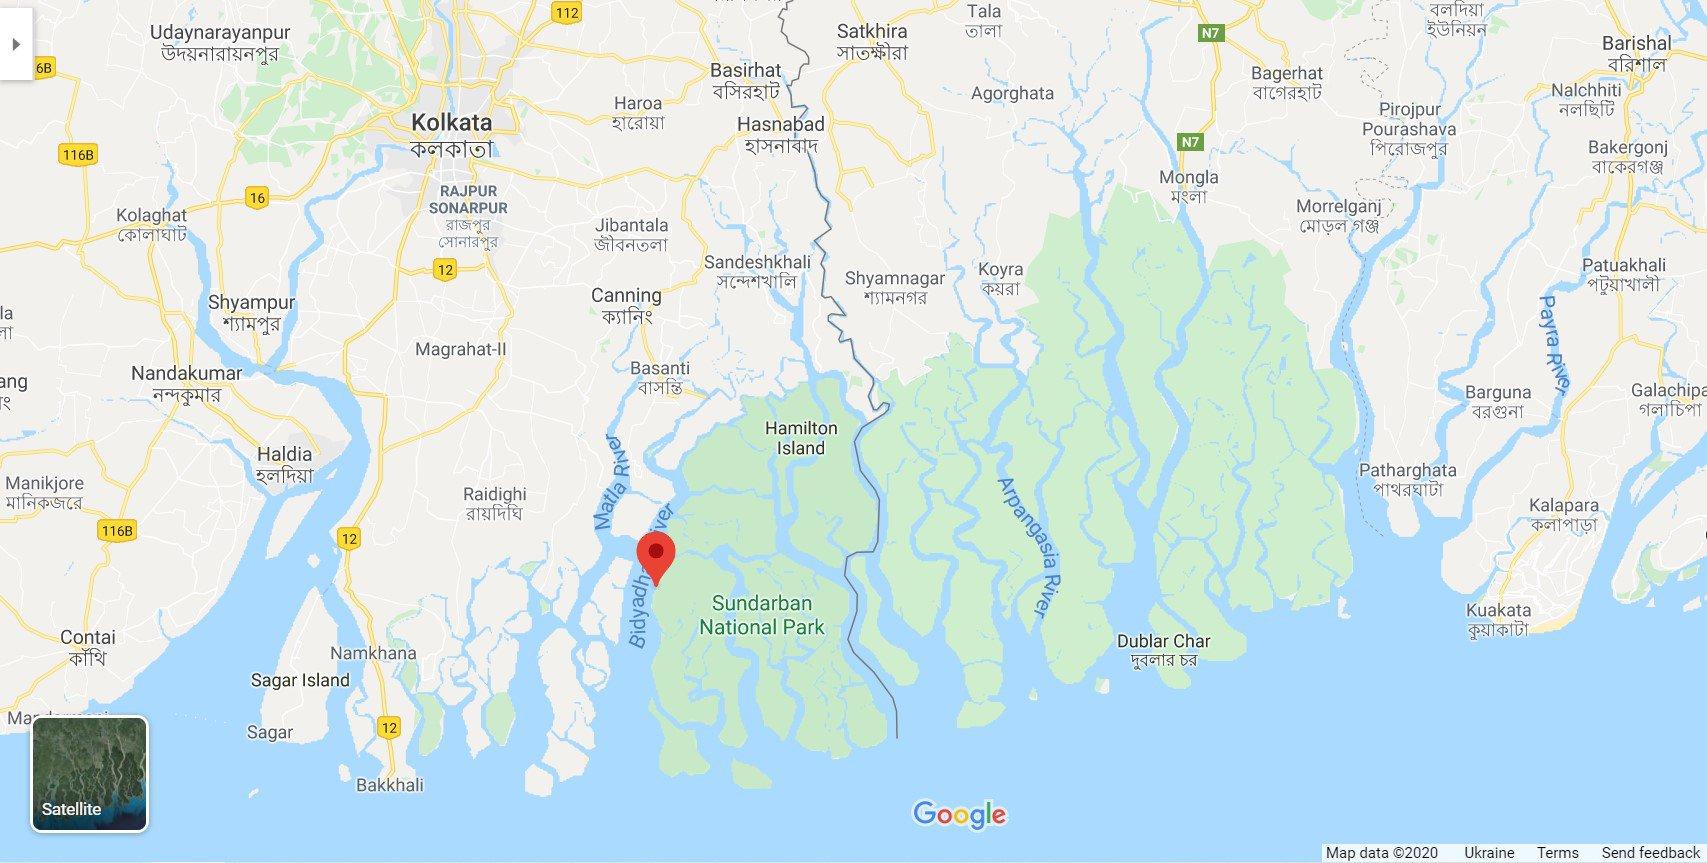 Уся зелена зона на карті — мангрова екосистема. Ліворуч угорі — Калькутта: Google Maps